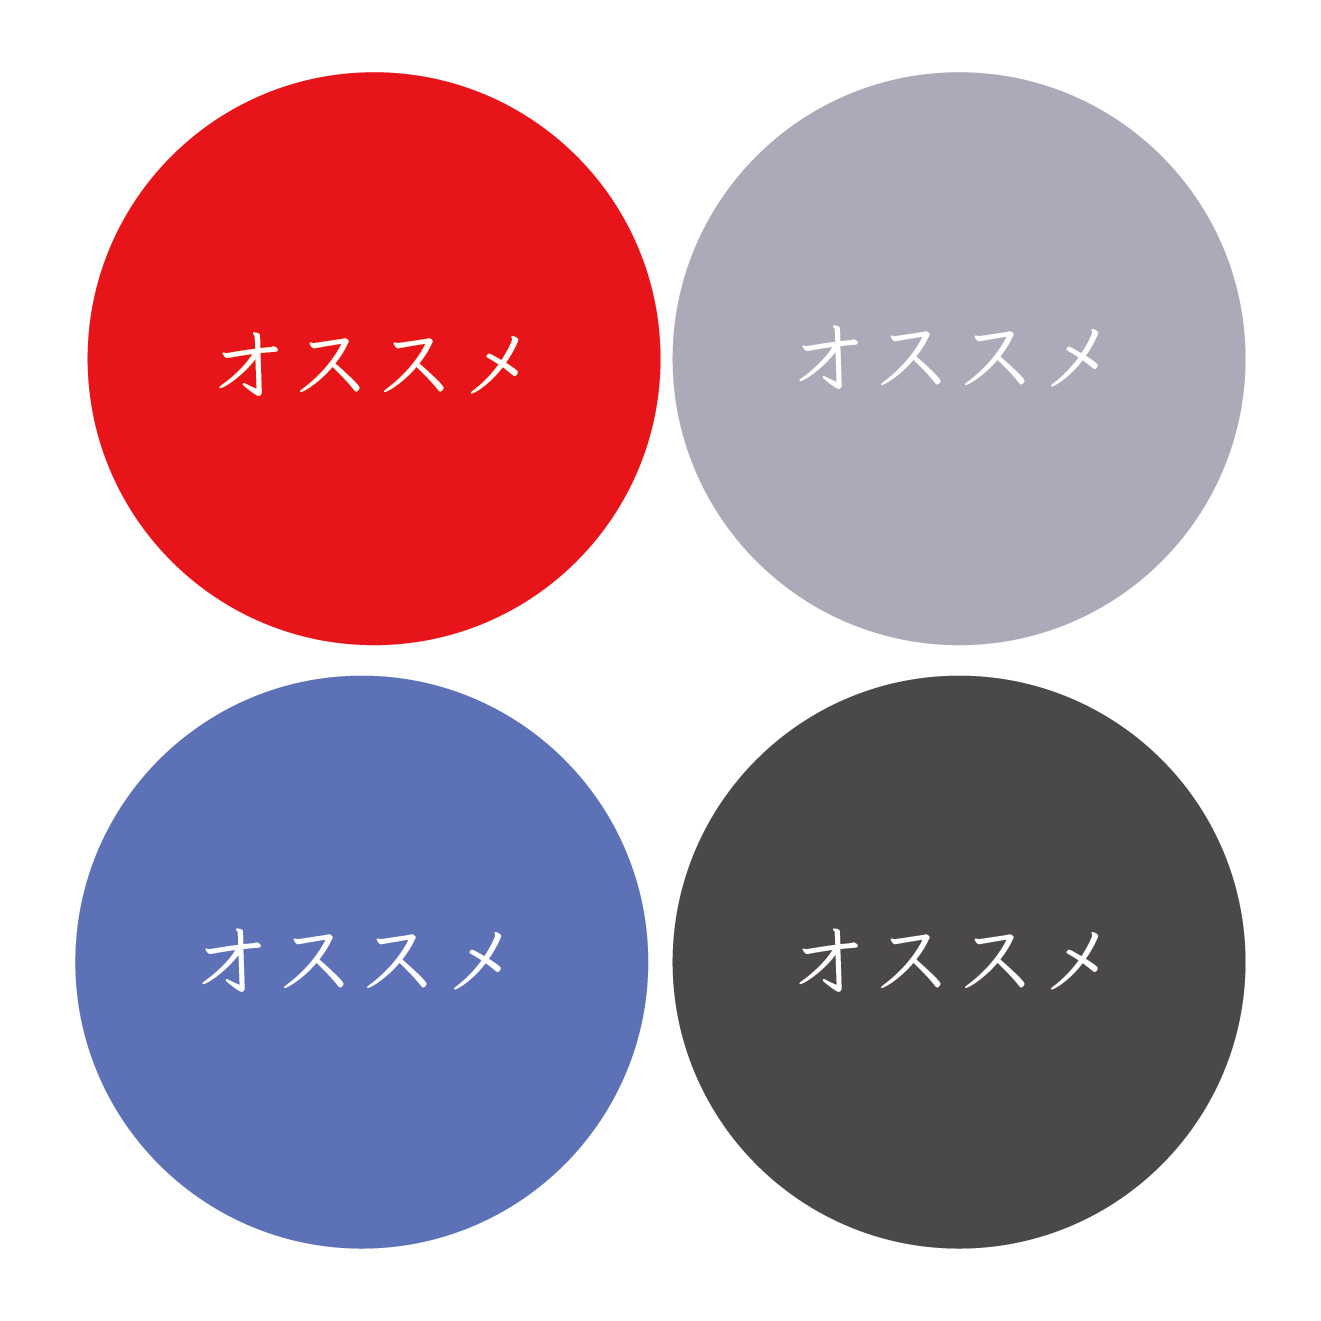 丸型 オススメ タグマーク4色 イラスト   商用フリー(無料)のイラスト